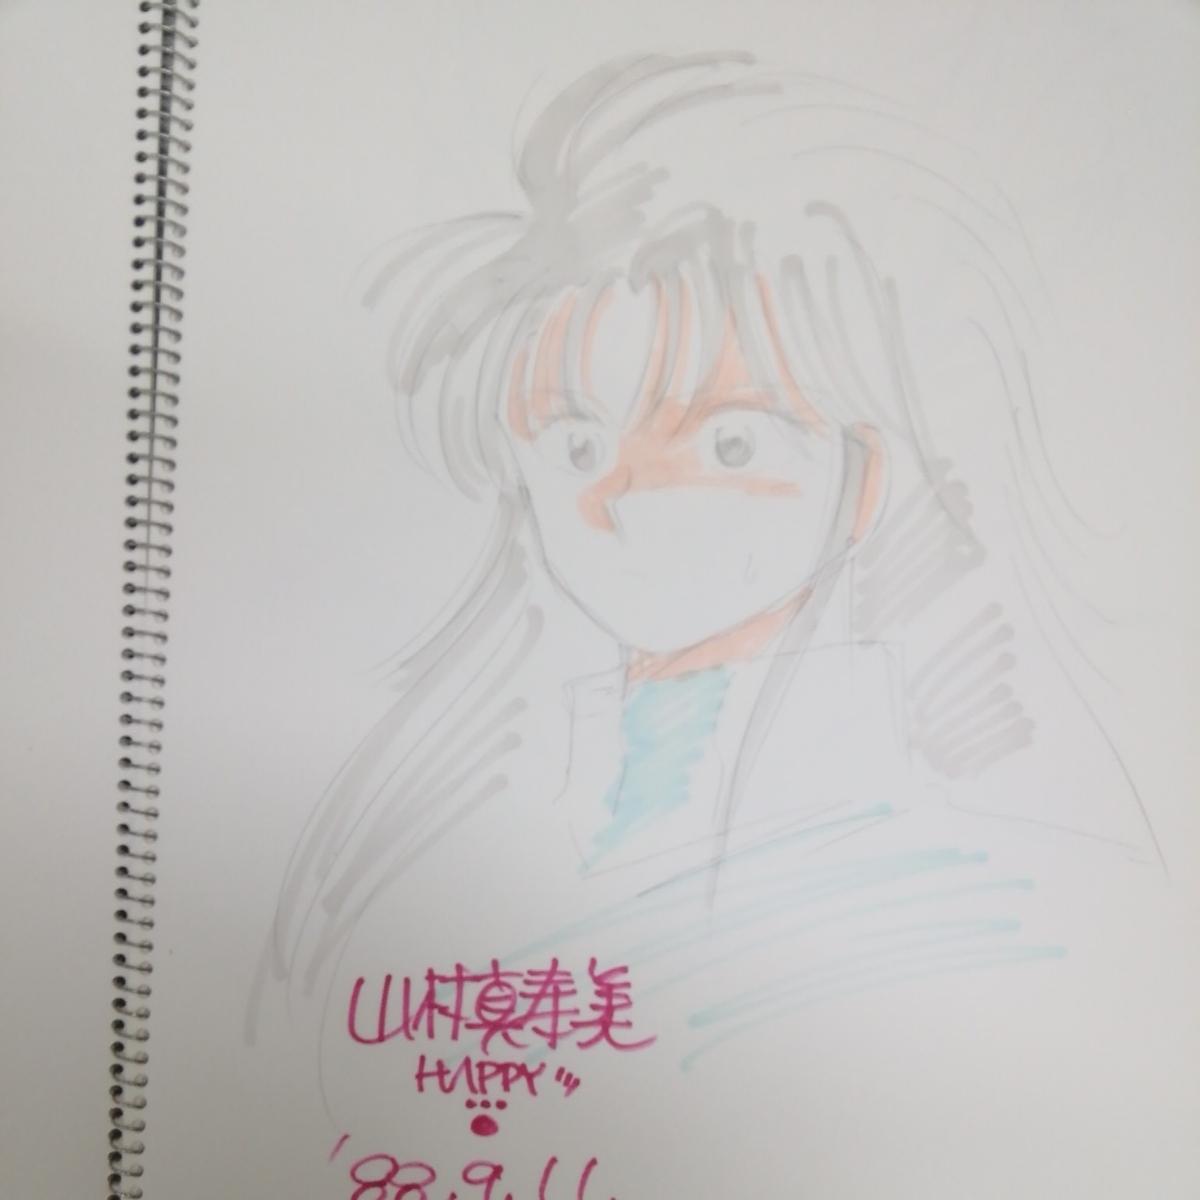 猫賀郁美 山村真寿美 ファンロード 聖闘士星矢 手描イラストサイン_画像3